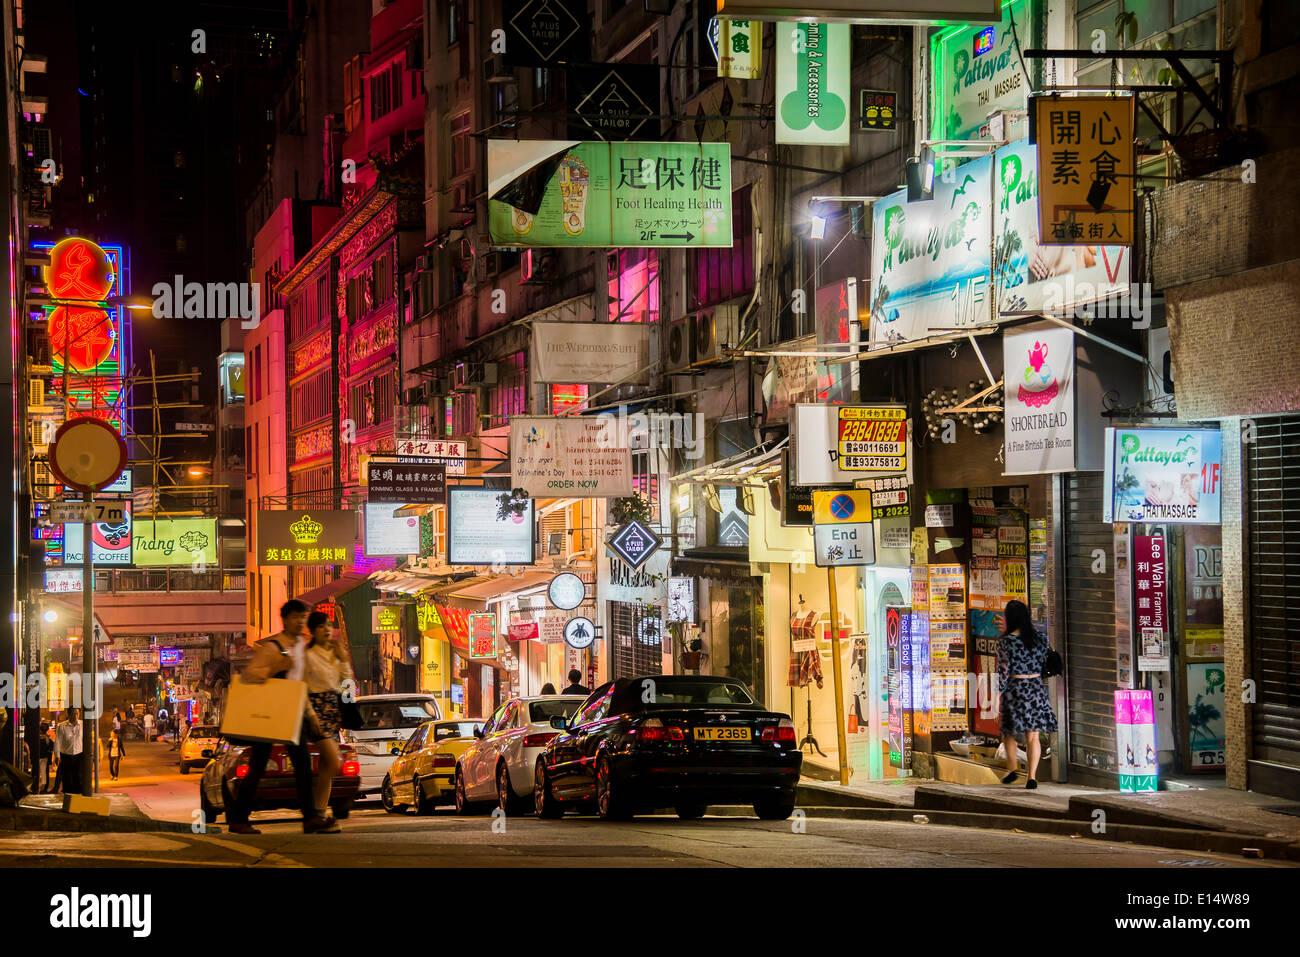 Quartier de divertissement, Wyndham Street, Hong Kong Island, Hong Kong, Chine Photo Stock